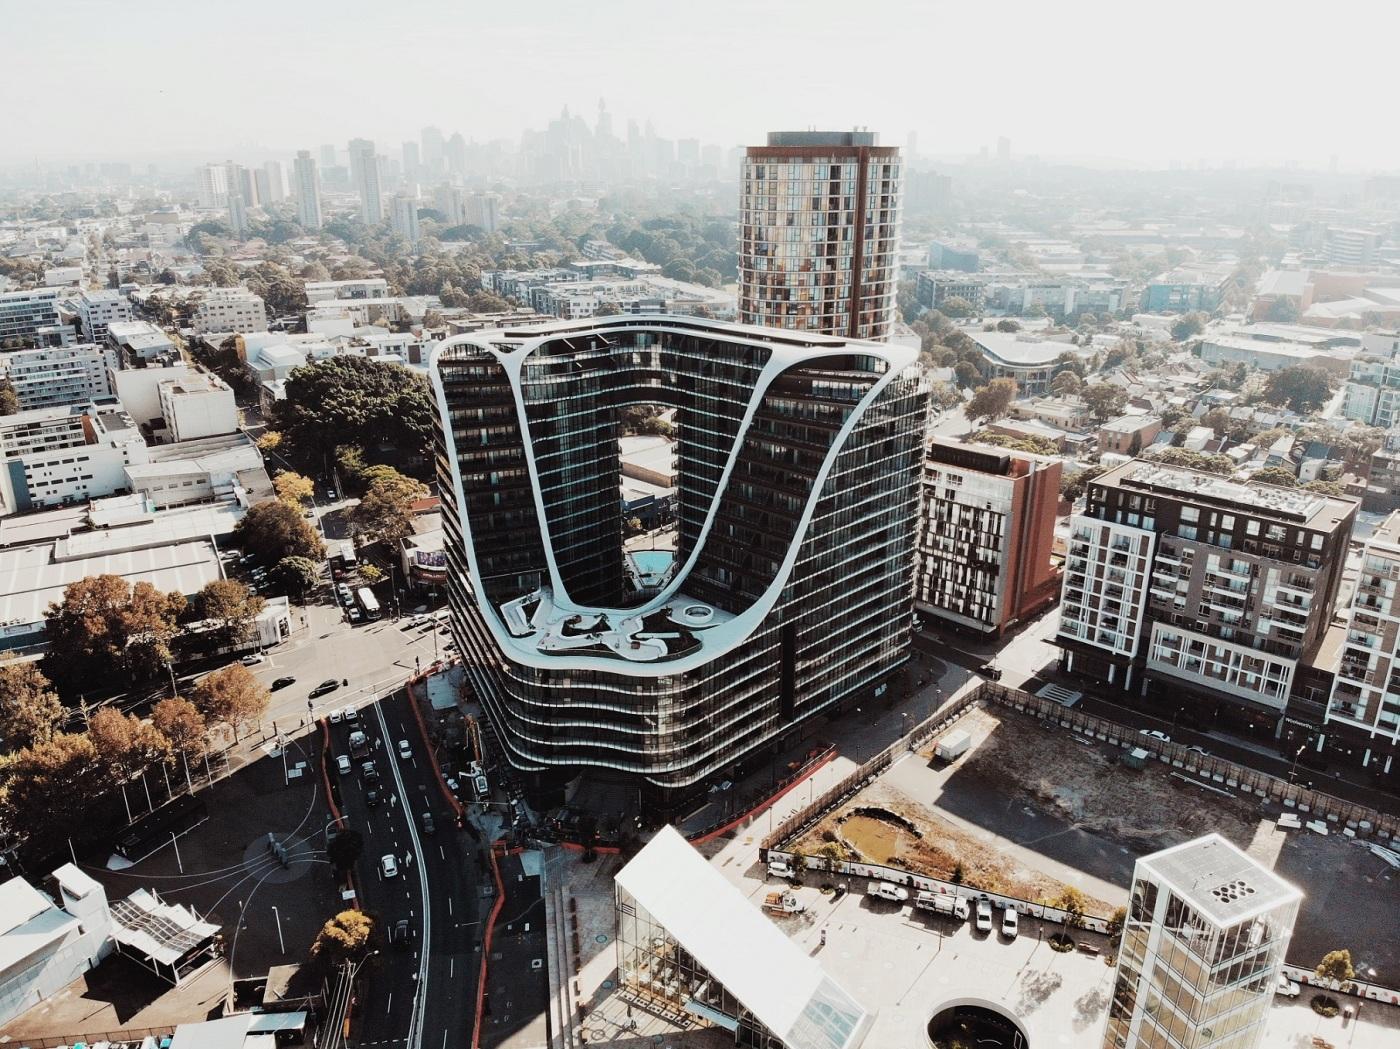 BANGUNAN UNIK INFINITY BY CROWN GROUP KEMBALI MEMENANGKAN PENGHARGAAN DI AUSTRALIA DSGNTALK SYDNEY ARSITEKTUR AWARDS DESIGN ARCHITECTURE